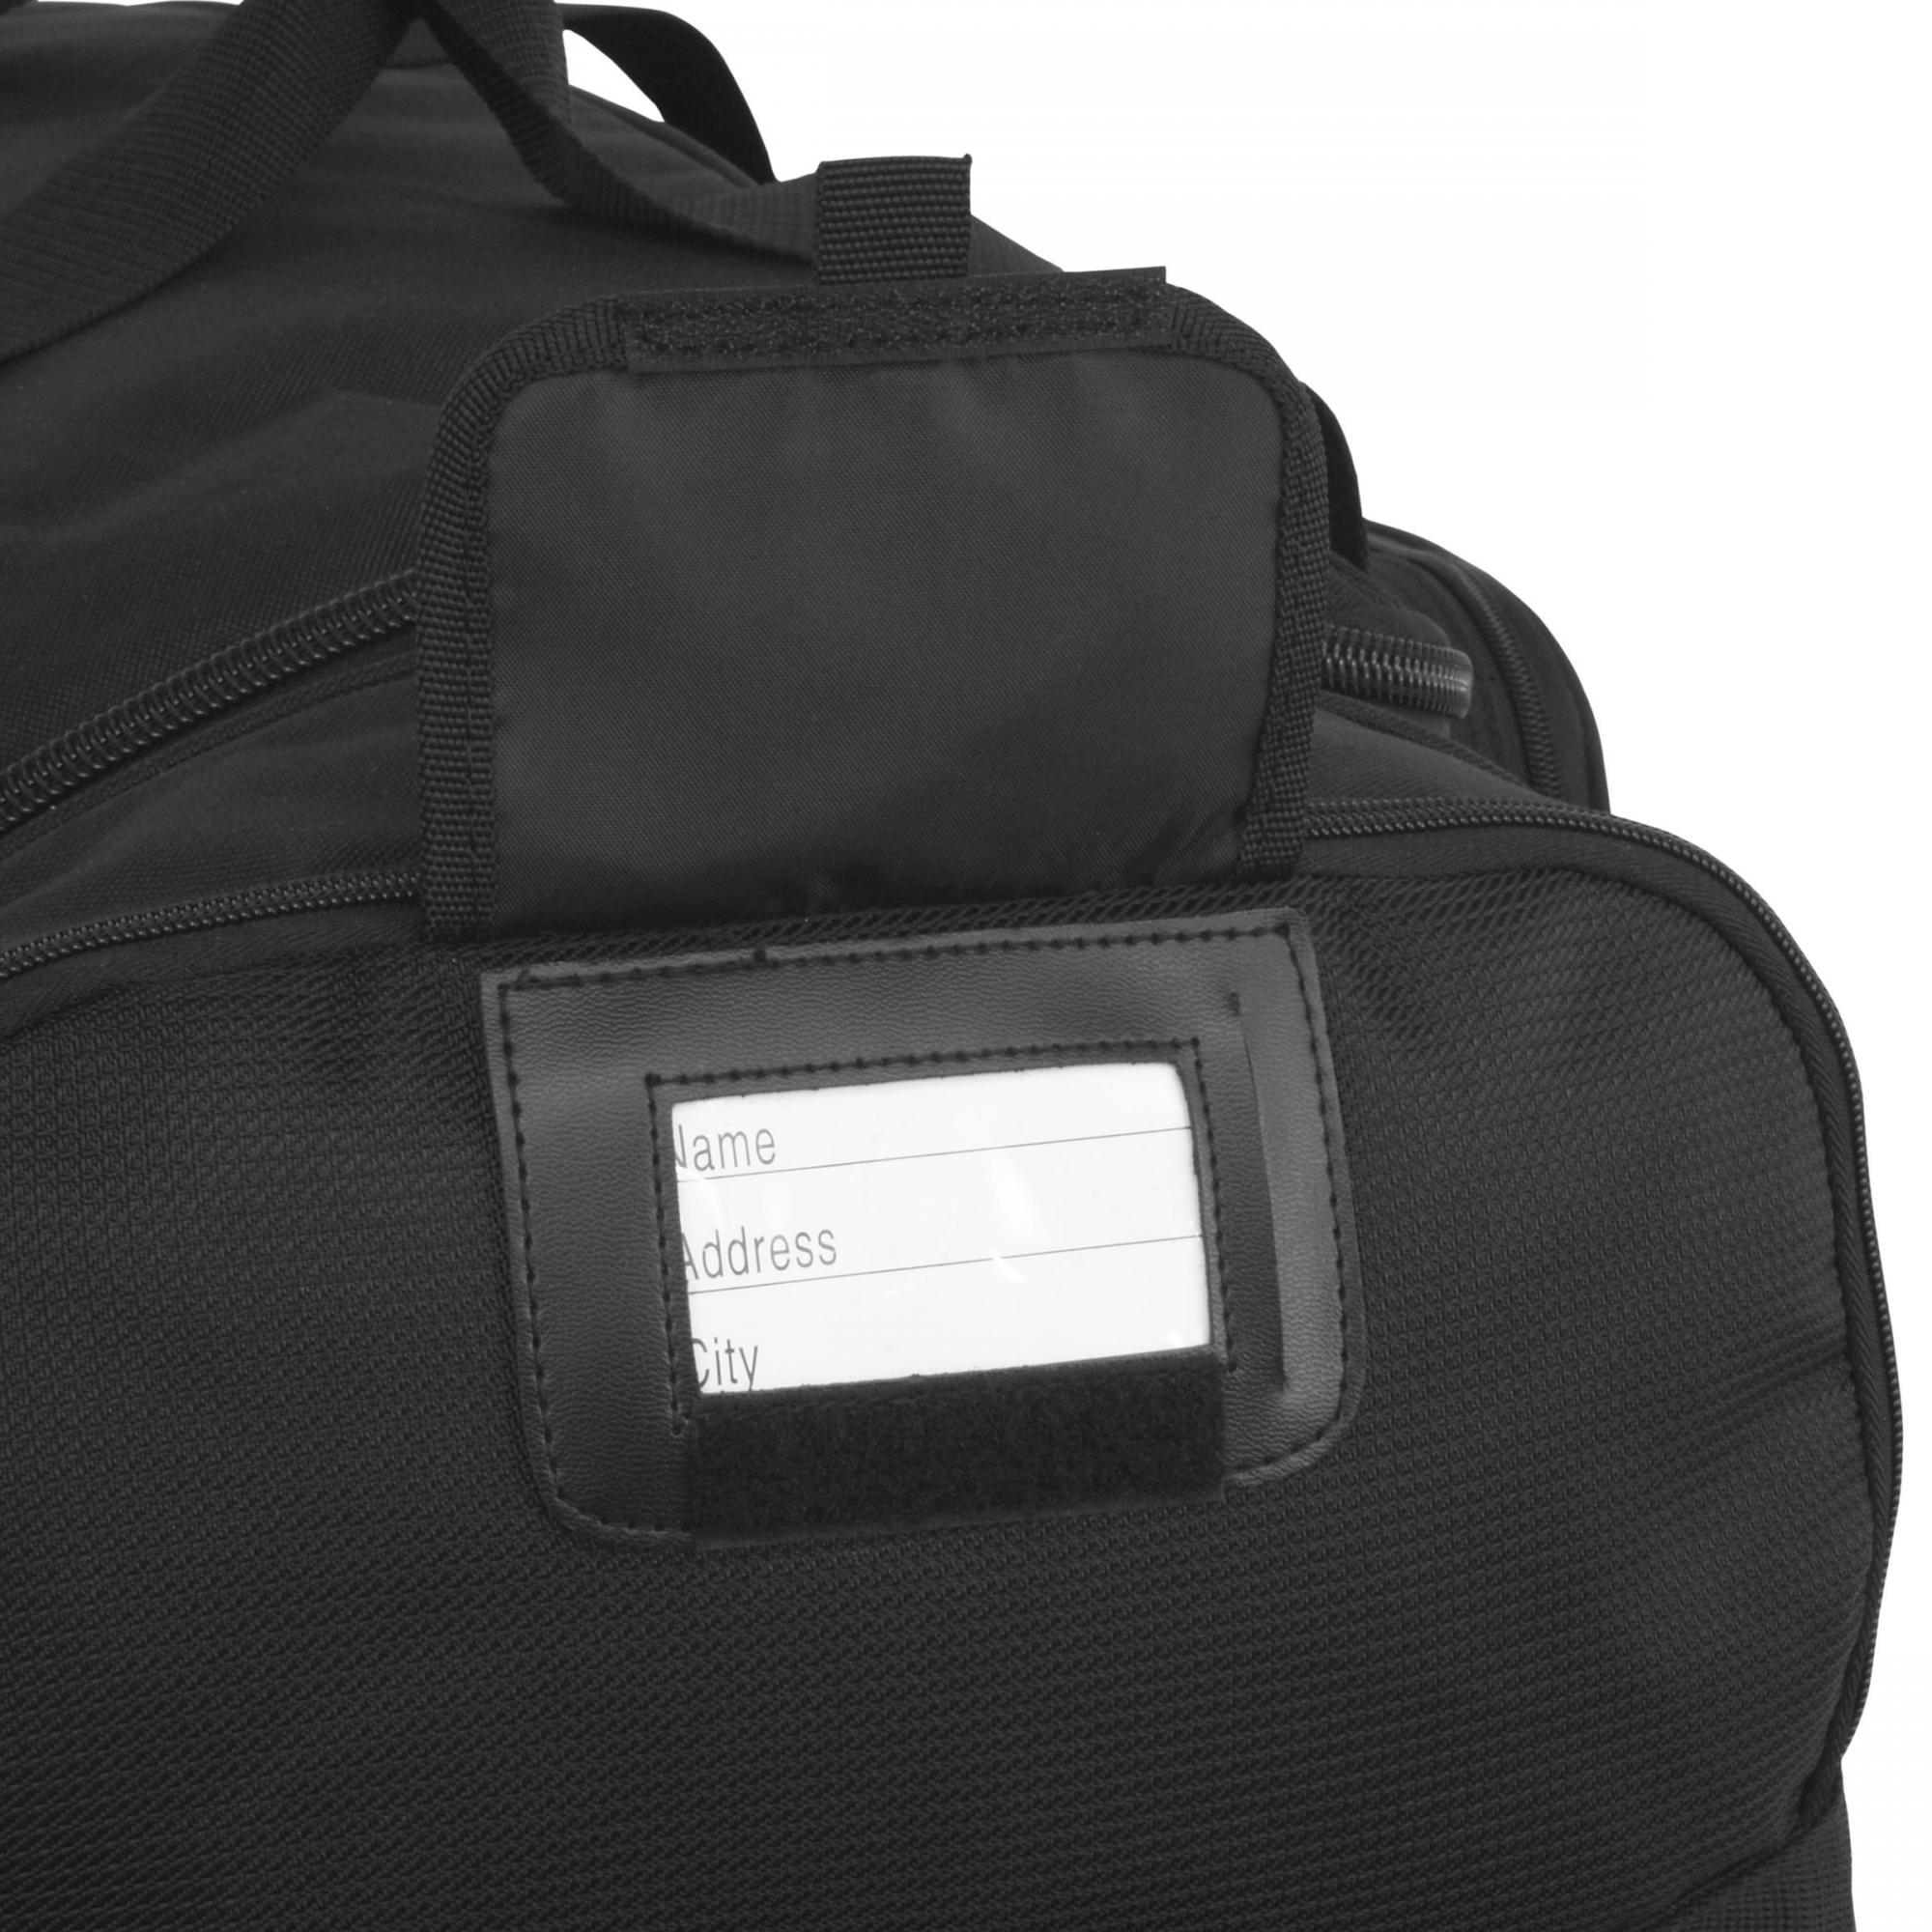 a2def6a346 Mercury Luggage Gorilla Wheeled Duffel Bag - Walmart.com